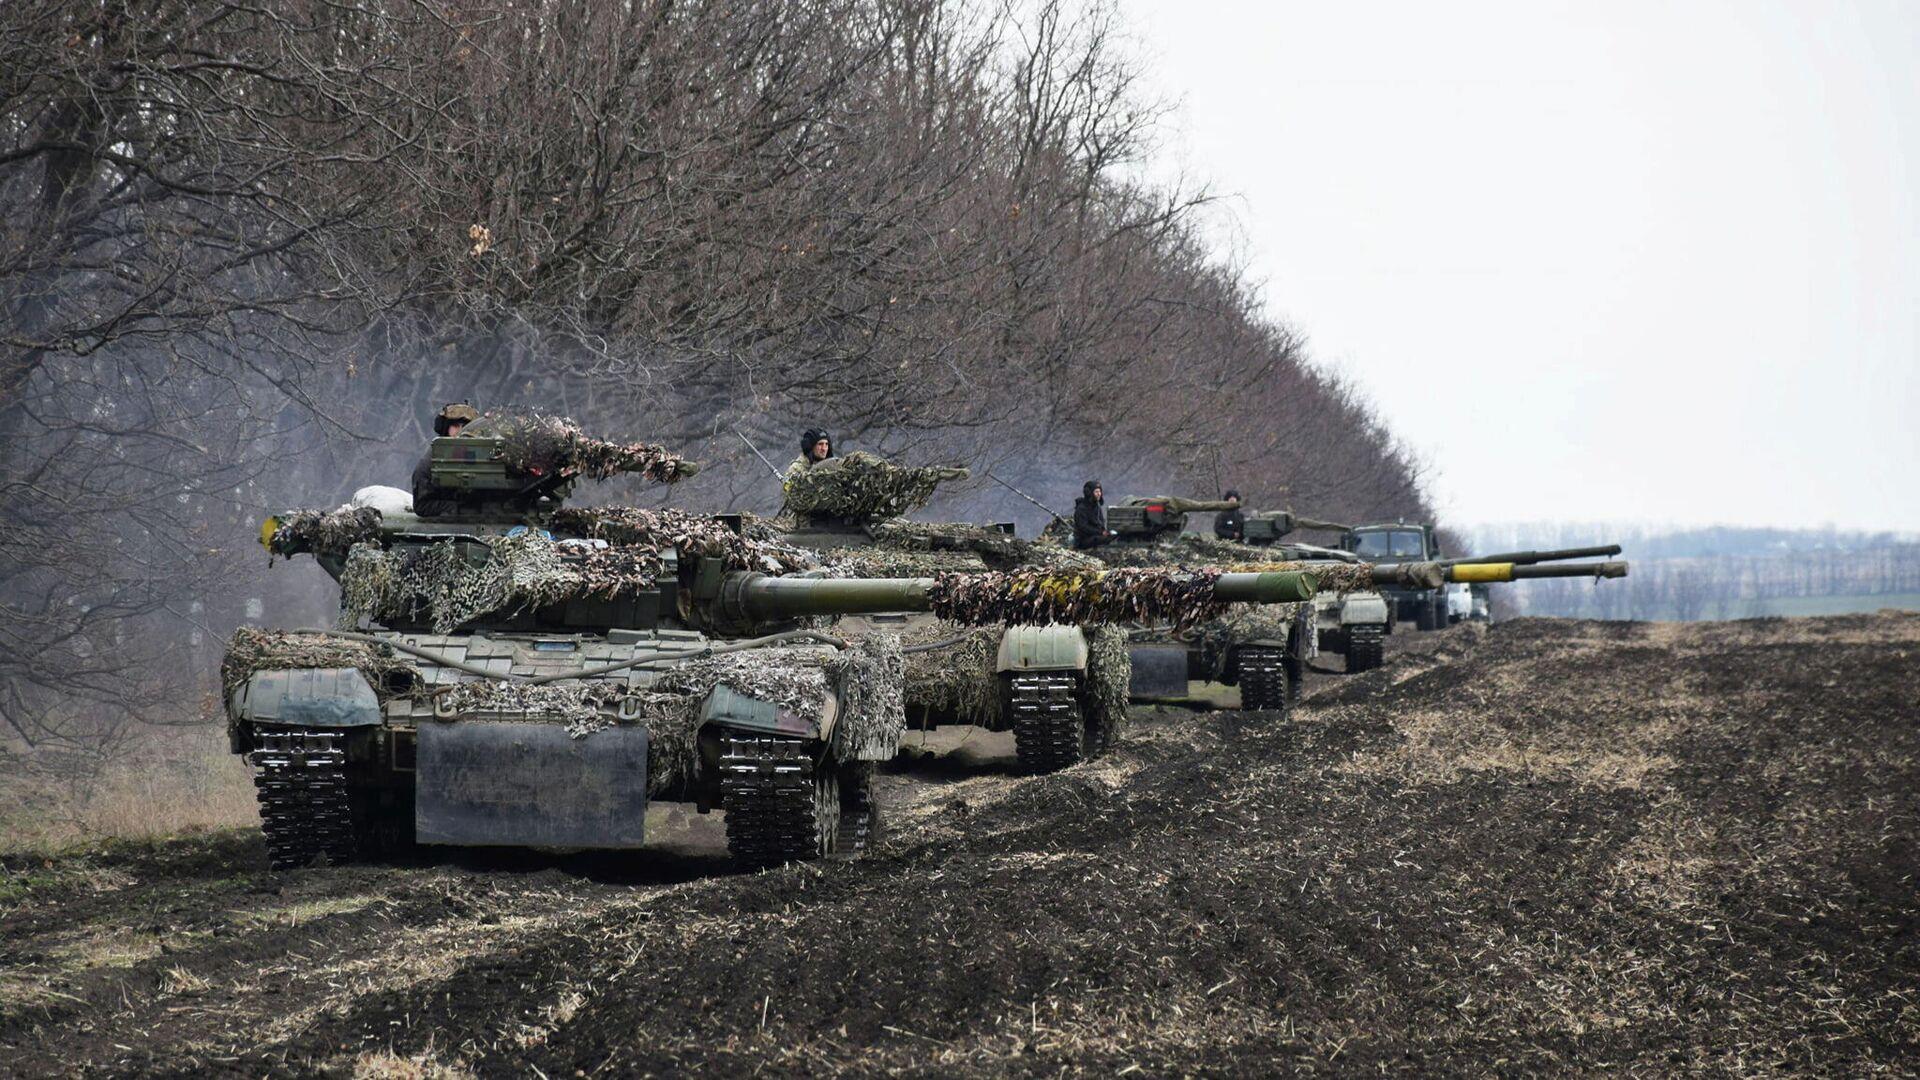 Ukrainische Panzer bei einem Manöver. Ostukraine, 20. April 2021 - SNA, 1920, 23.04.2021